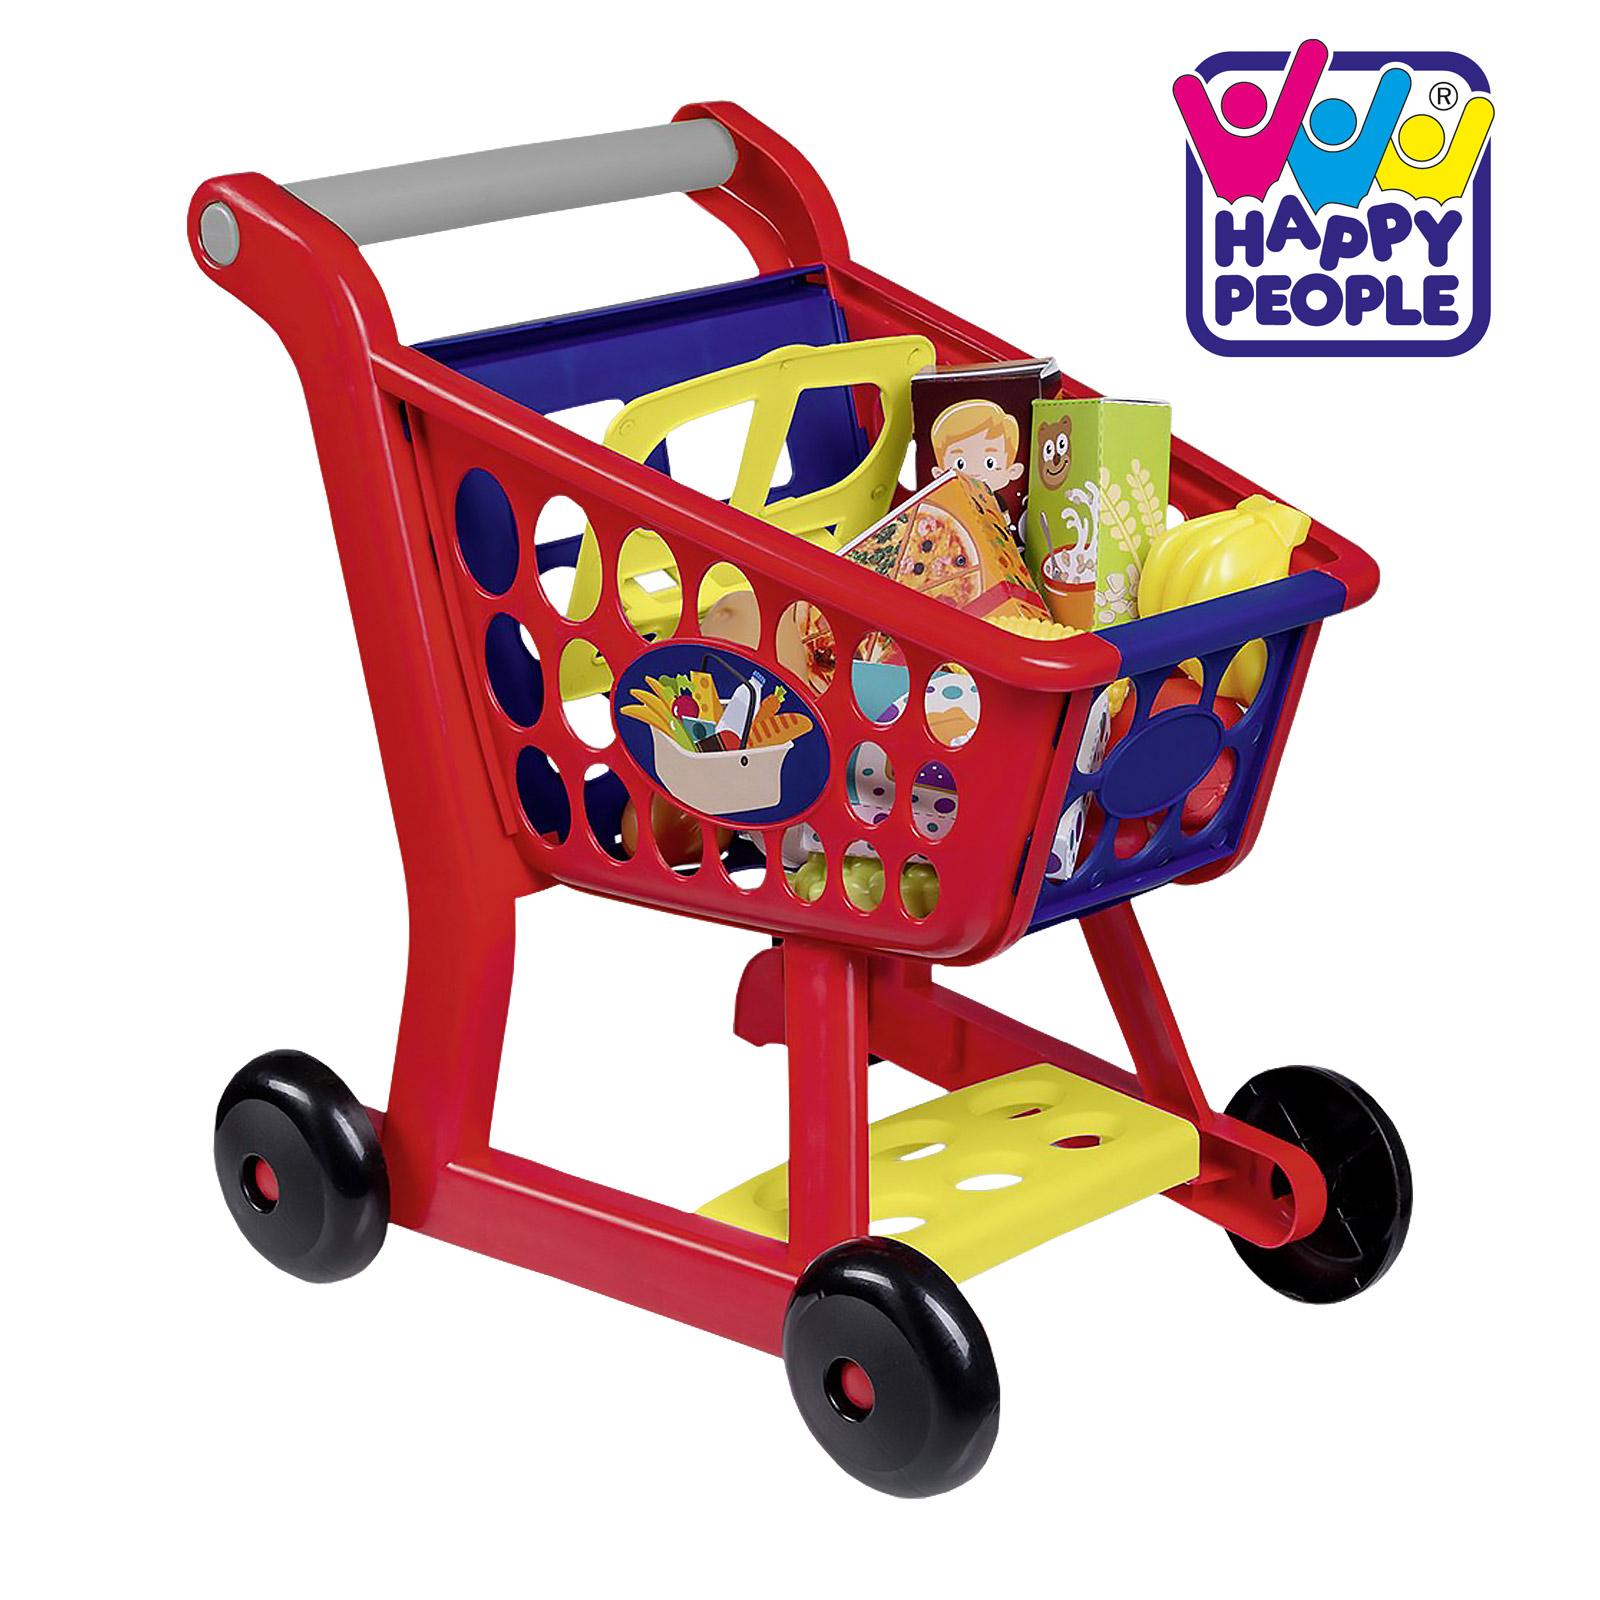 Happy People 45059 Haushaltsspielzeug Kinder Einkaufswagen